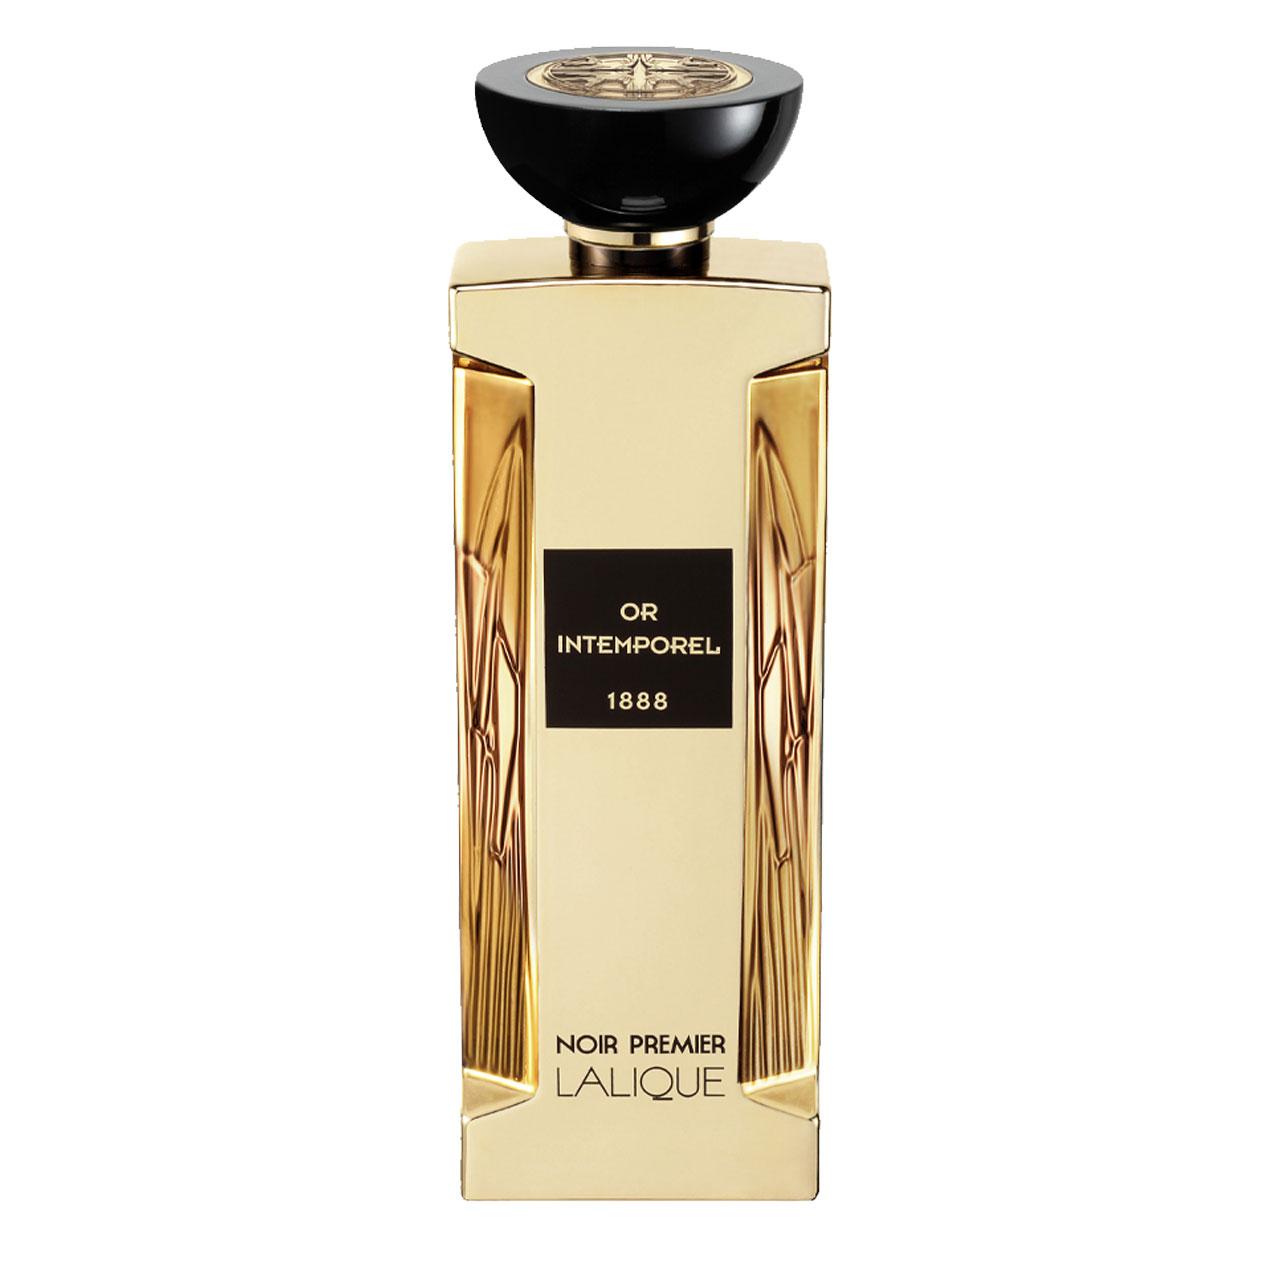 Lalique Or Intemporel